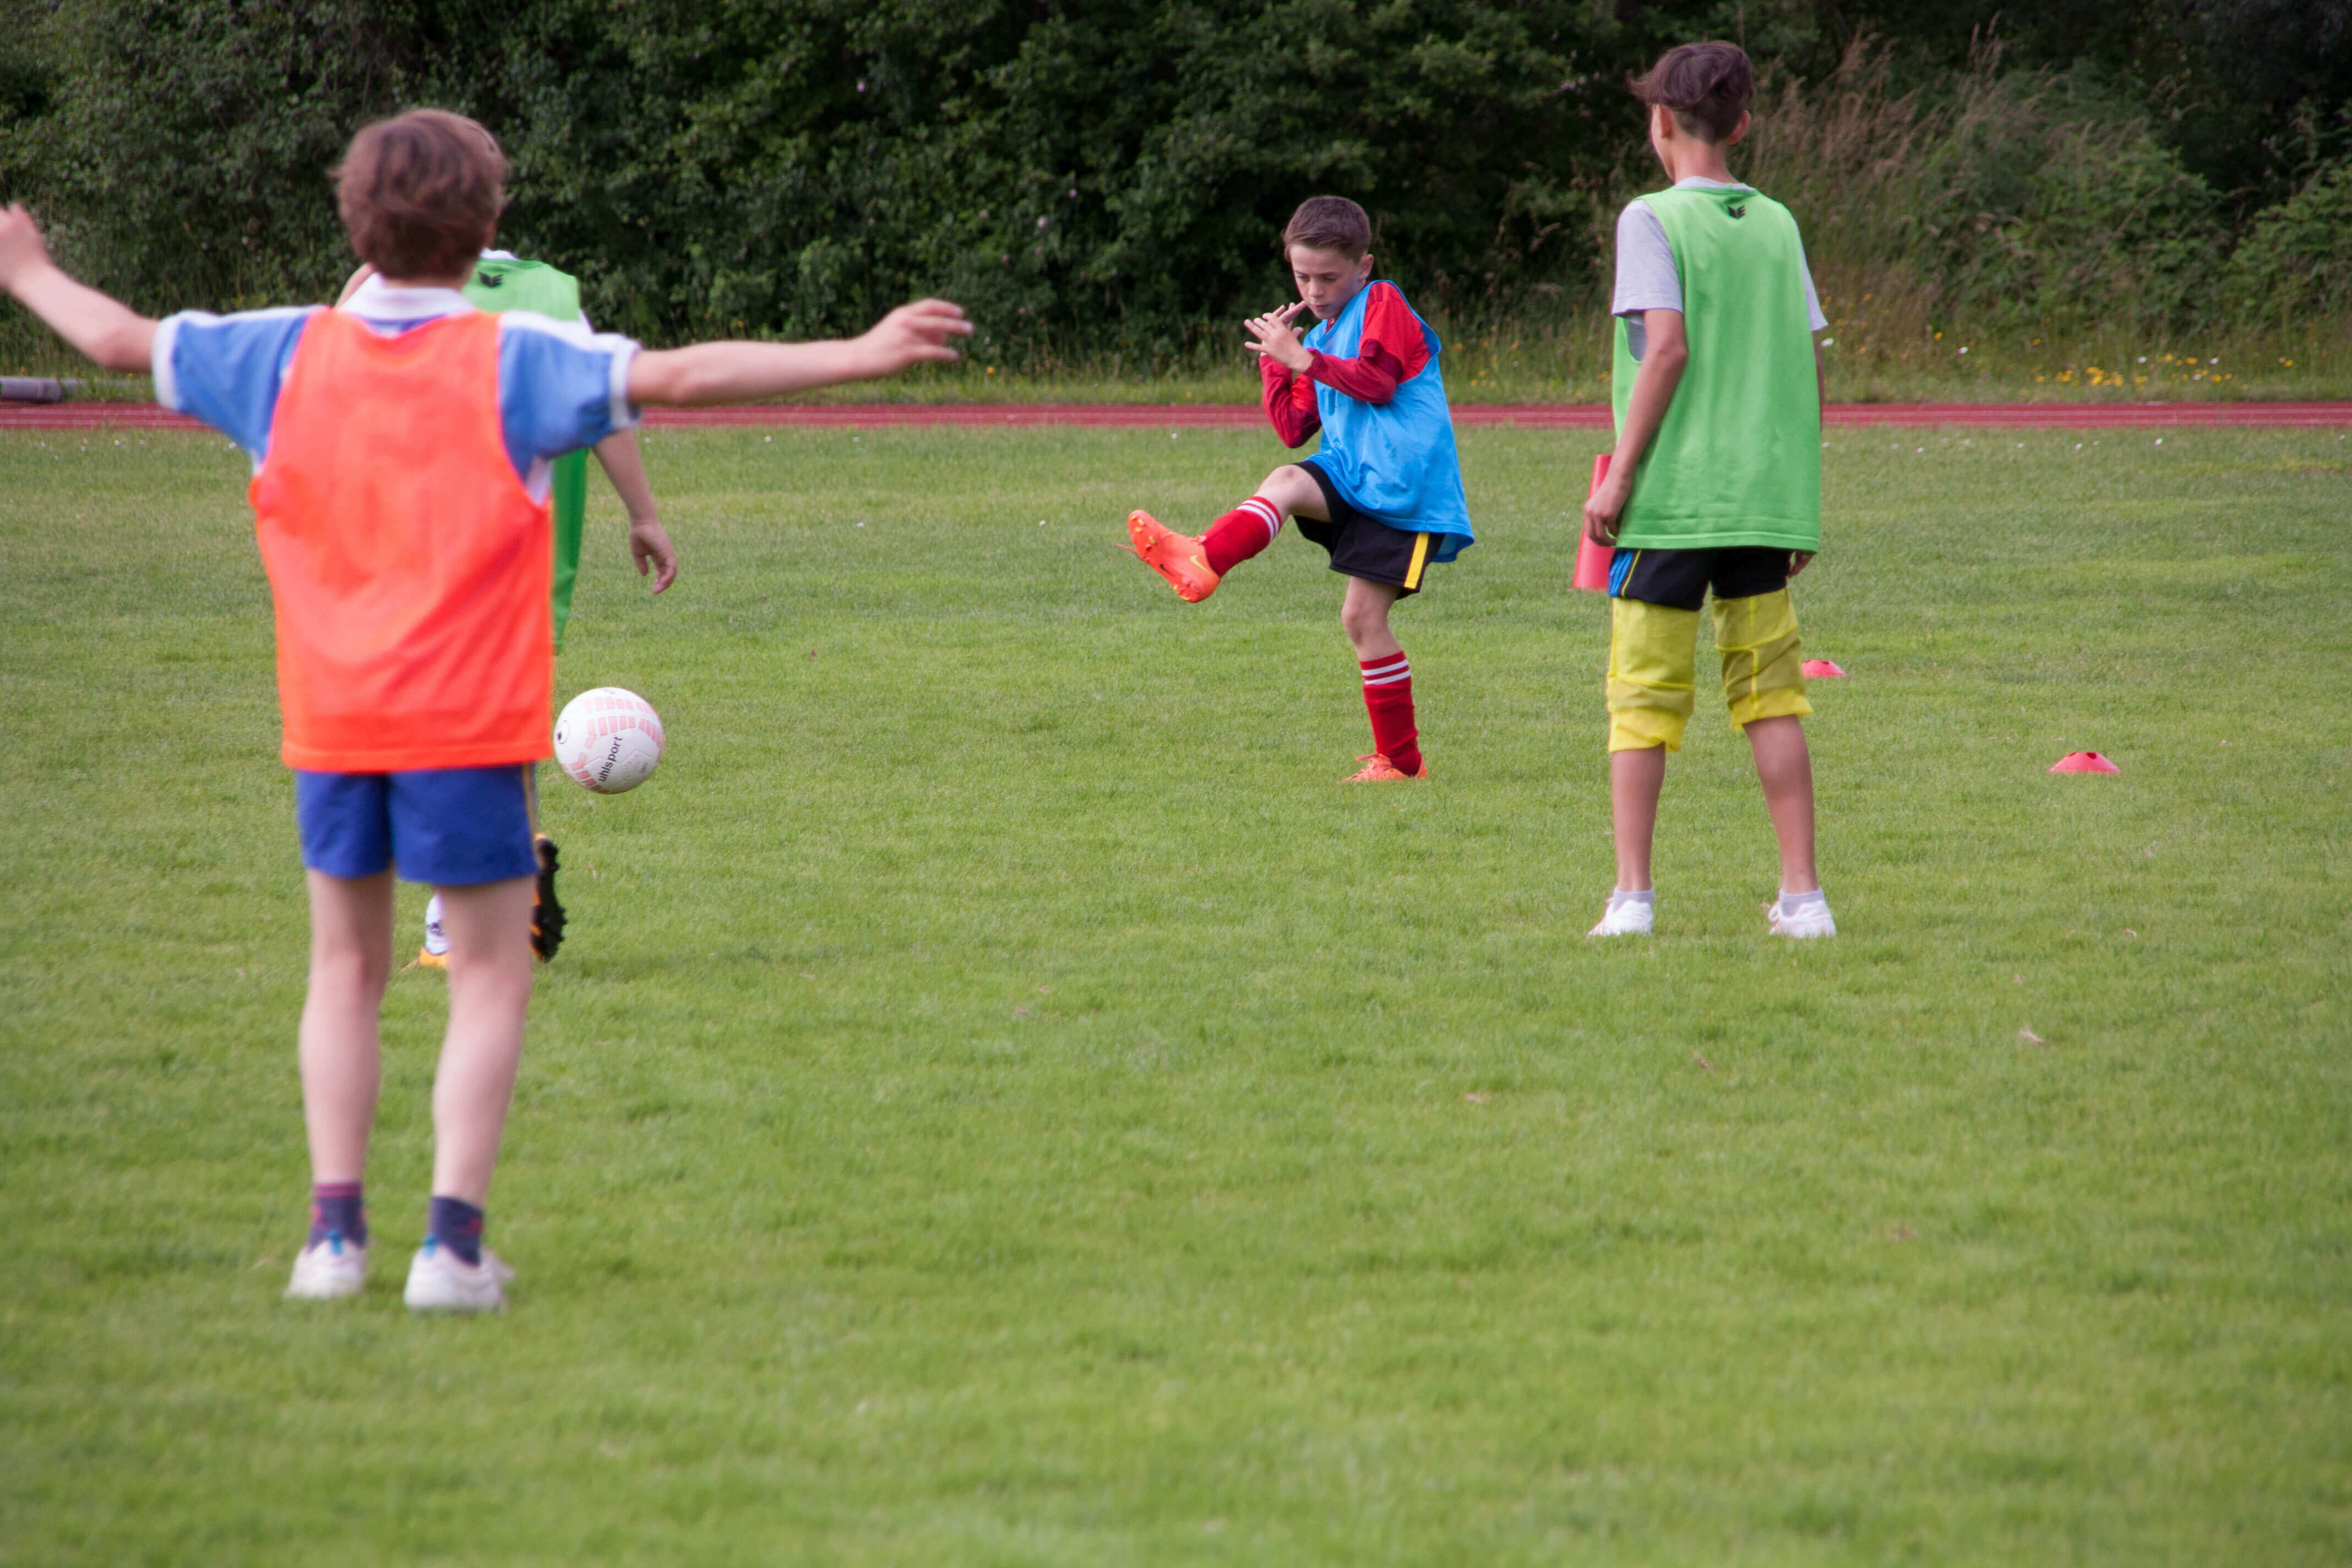 Die Fussballschule übernimmt Vereinstraining